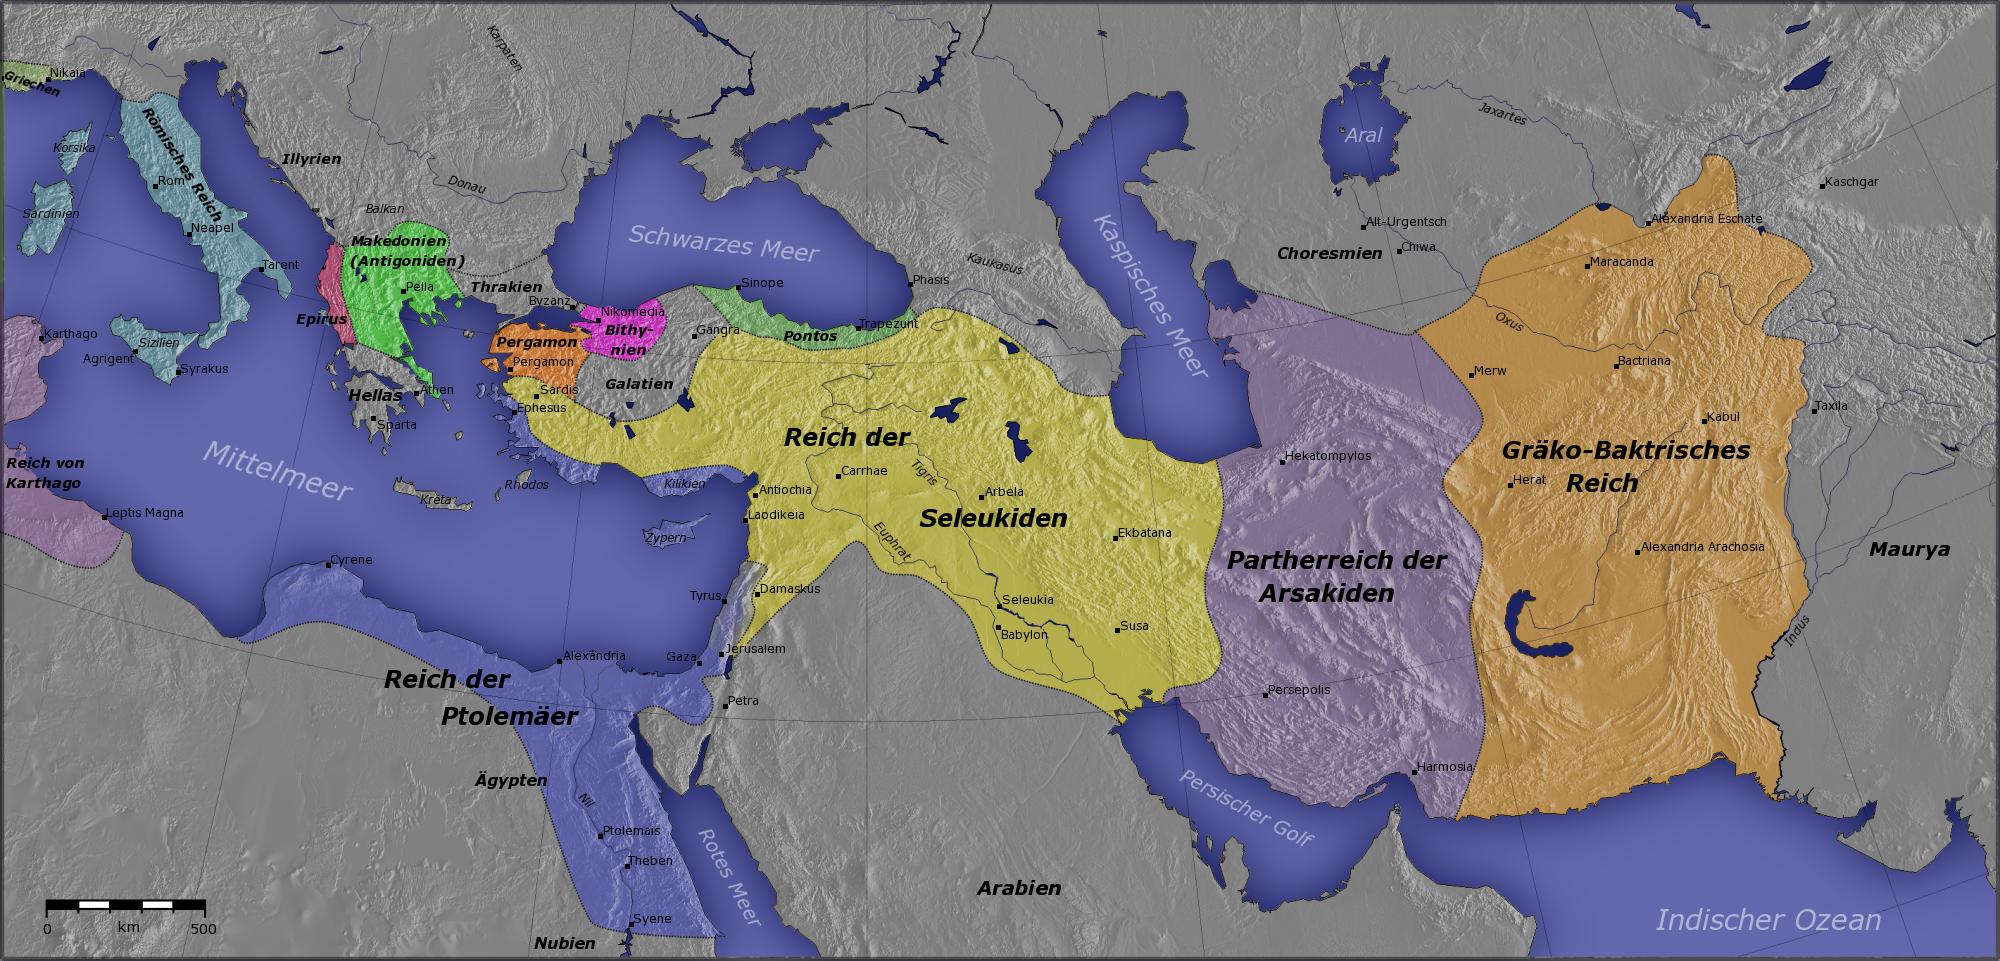 Alexanderreich – Wikipedia